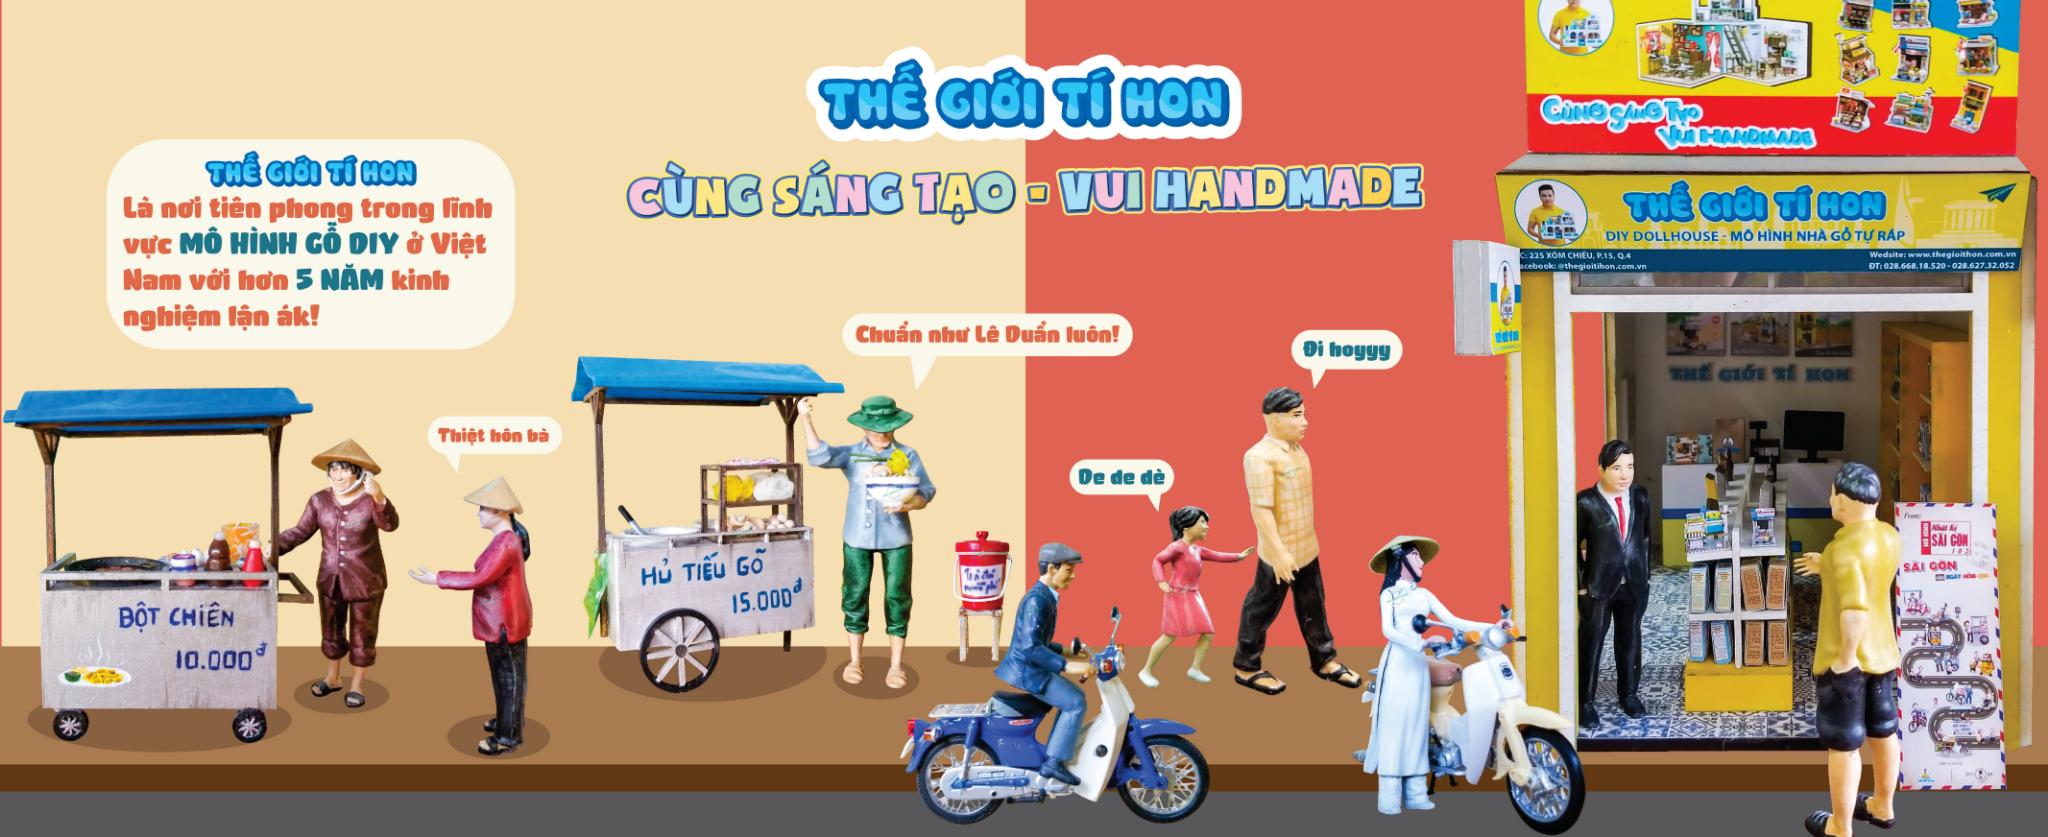 Mô Hình Đường Phố Sài Gòn Xưa Và Nay Tí Hon - Xe Bánh Mỳ - Mã SP: AD02